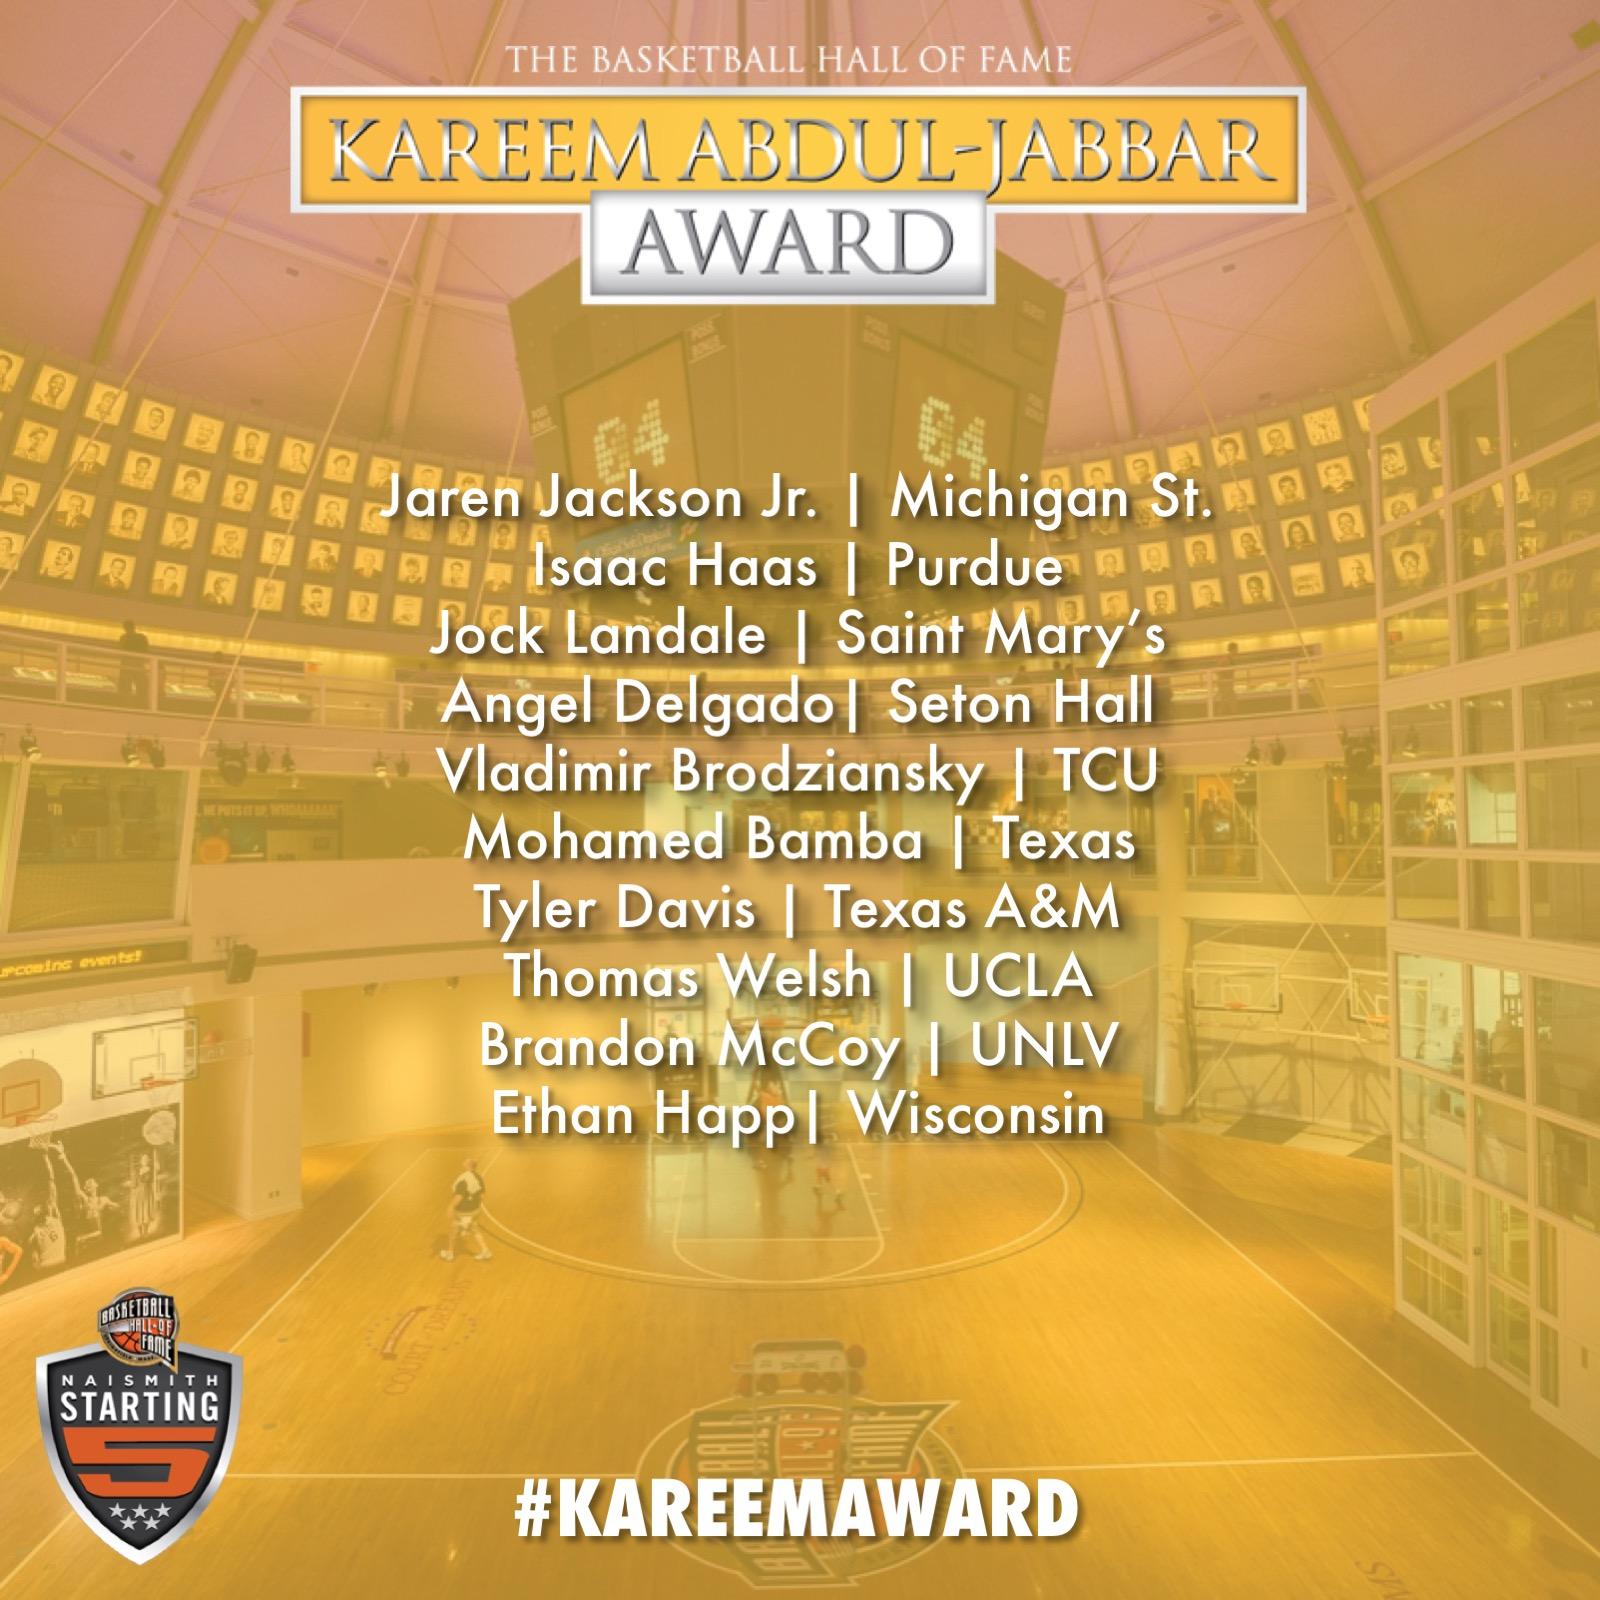 kareem 2 award.jpg